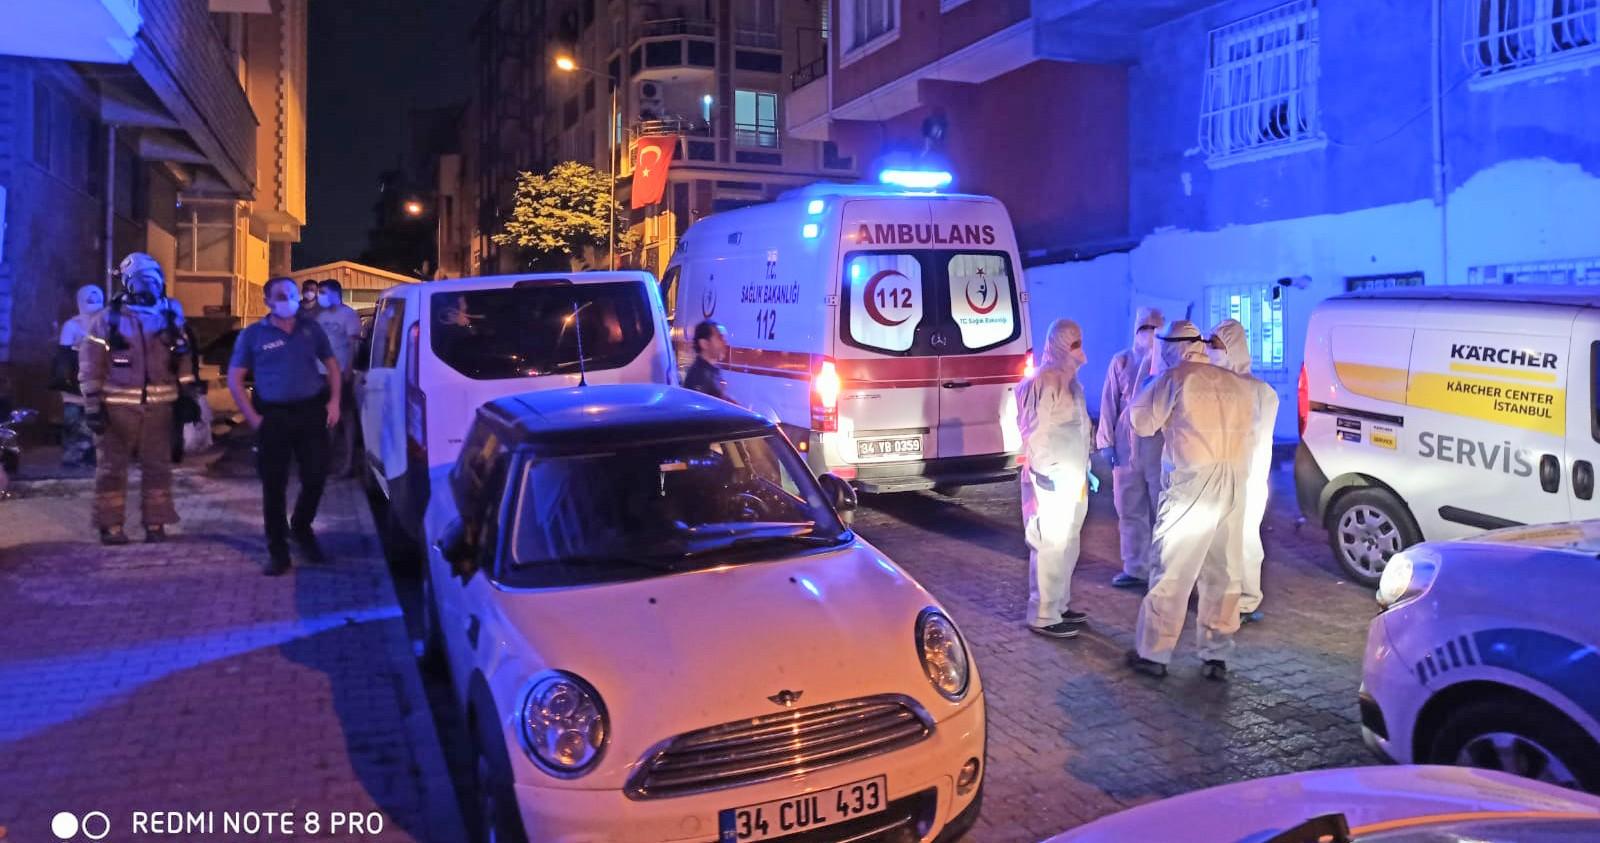 Bahçelievler'de böcek ilaçından zehirlenen çok sayıda vatandaş hastaneye kaldırıldı